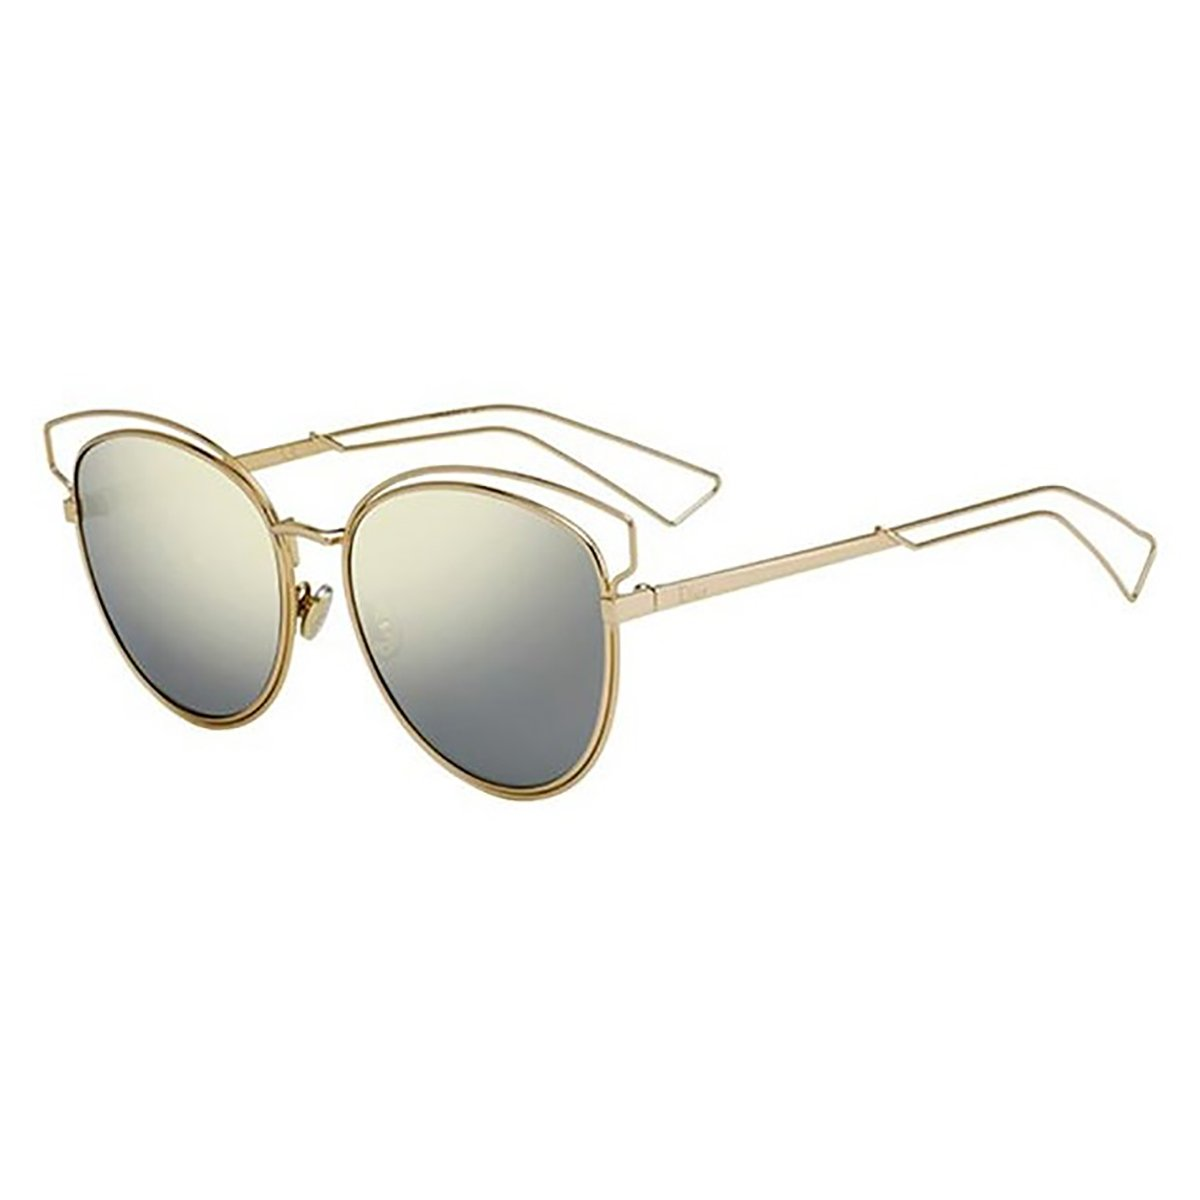 58adb7e42 Compre Óculos de Sol Dior em 10X | Tri-Jóia Shop